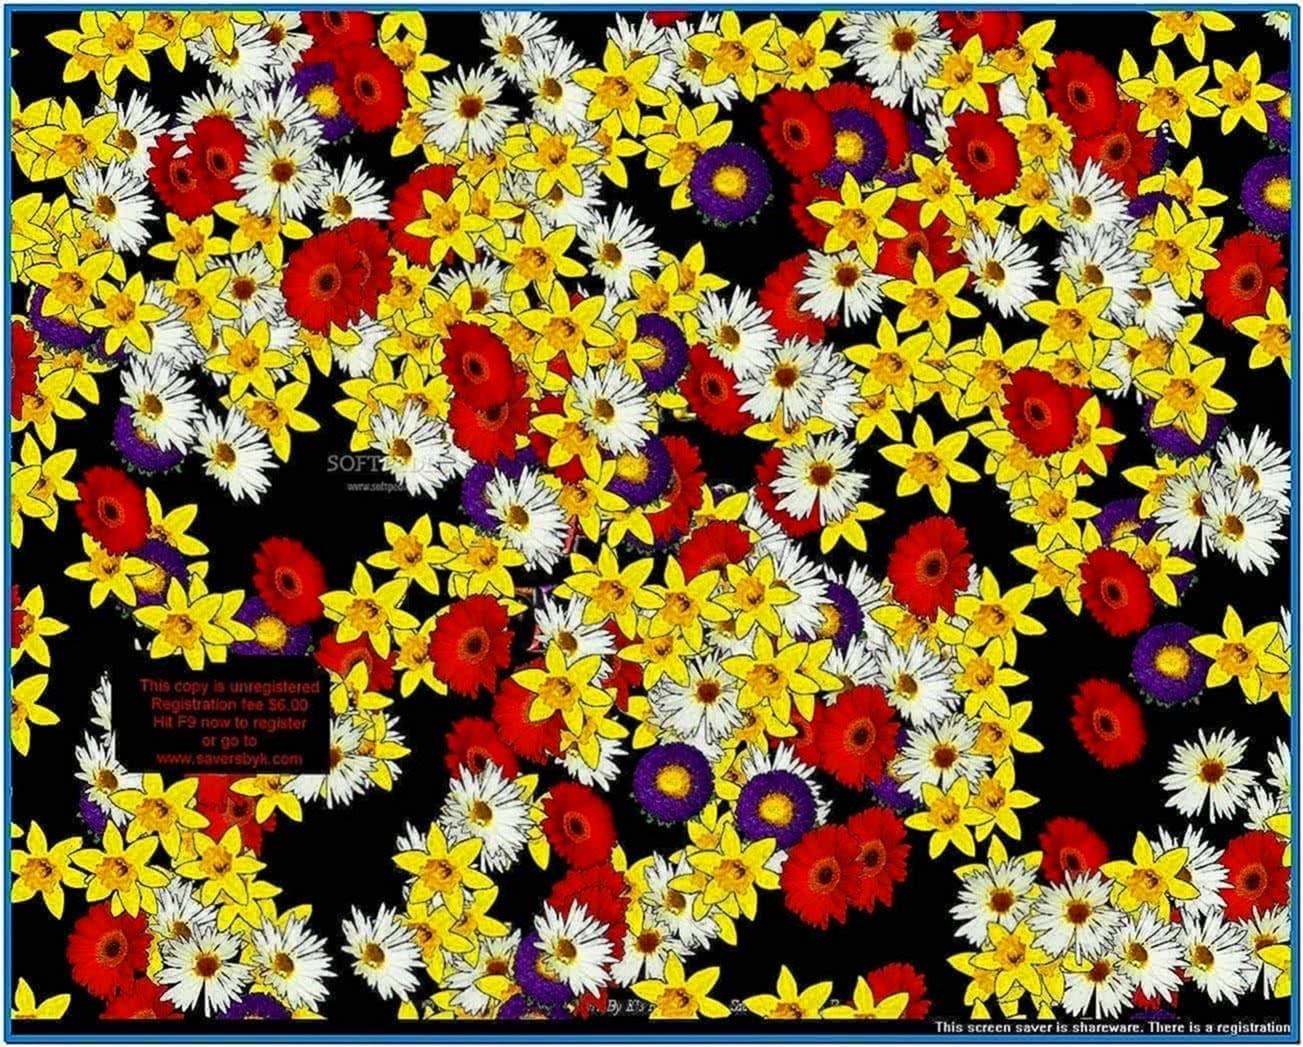 Spring Flowers Screensaver